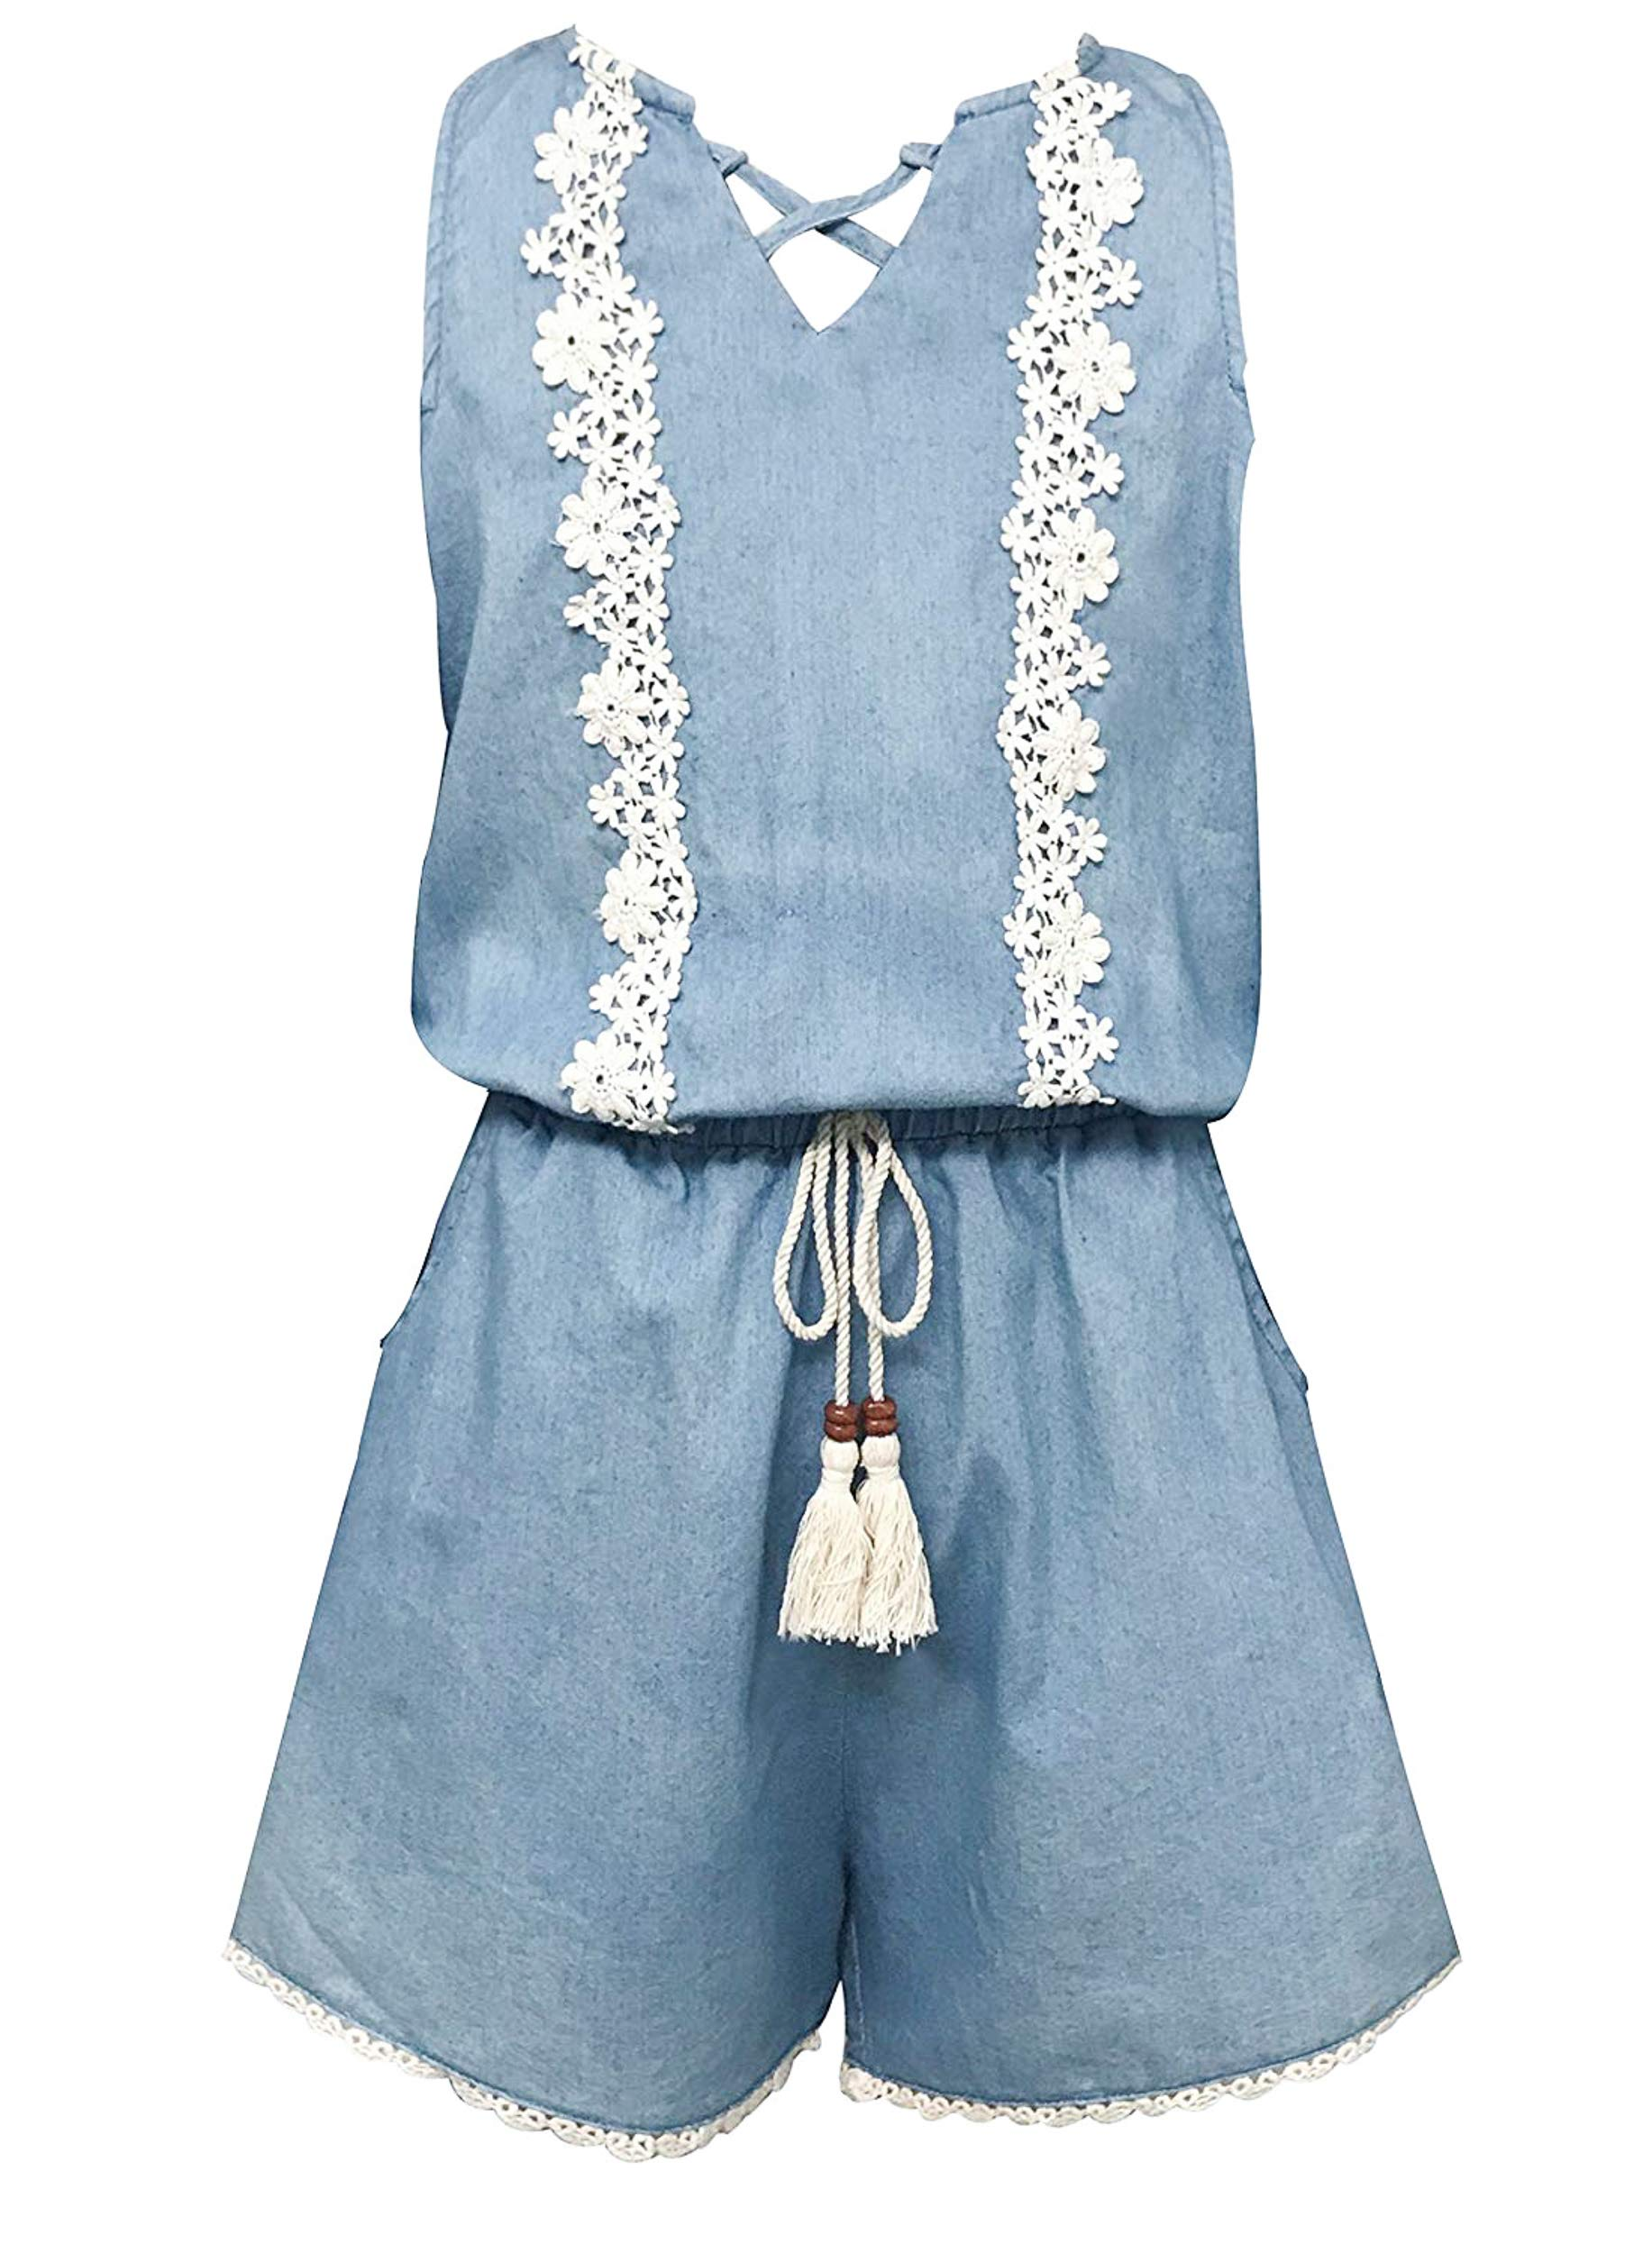 Smukke, Big Girls Vintage Lace Trimmed Denim Sleeveless Romper with Pockets, 7-16 (Denim, 16)